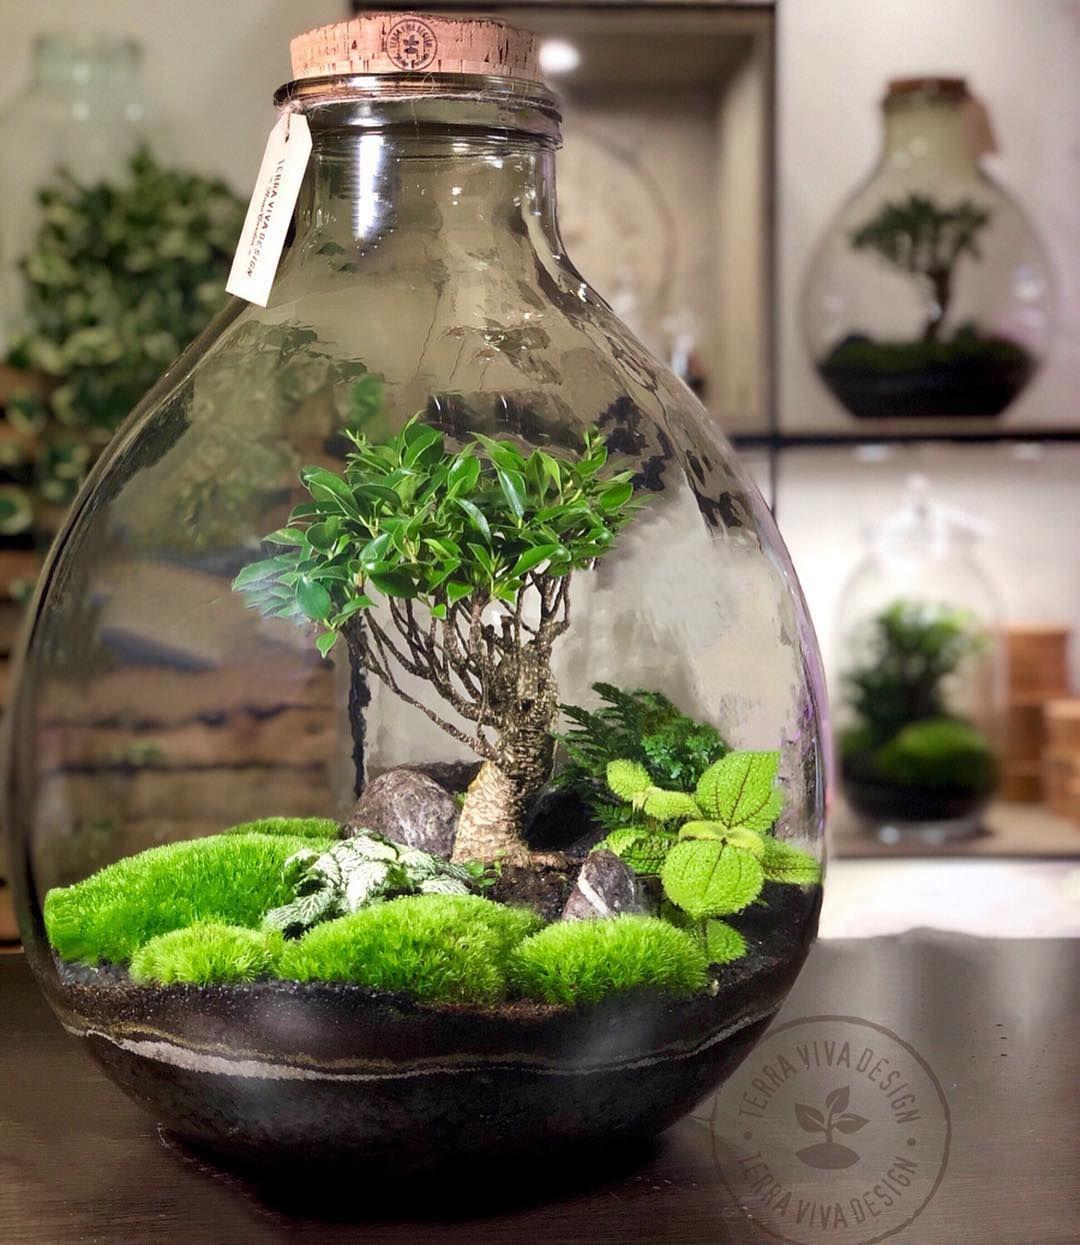 Terrario Per Piante Grasse a imagem pode conter: planta | piante da terrario, giardino